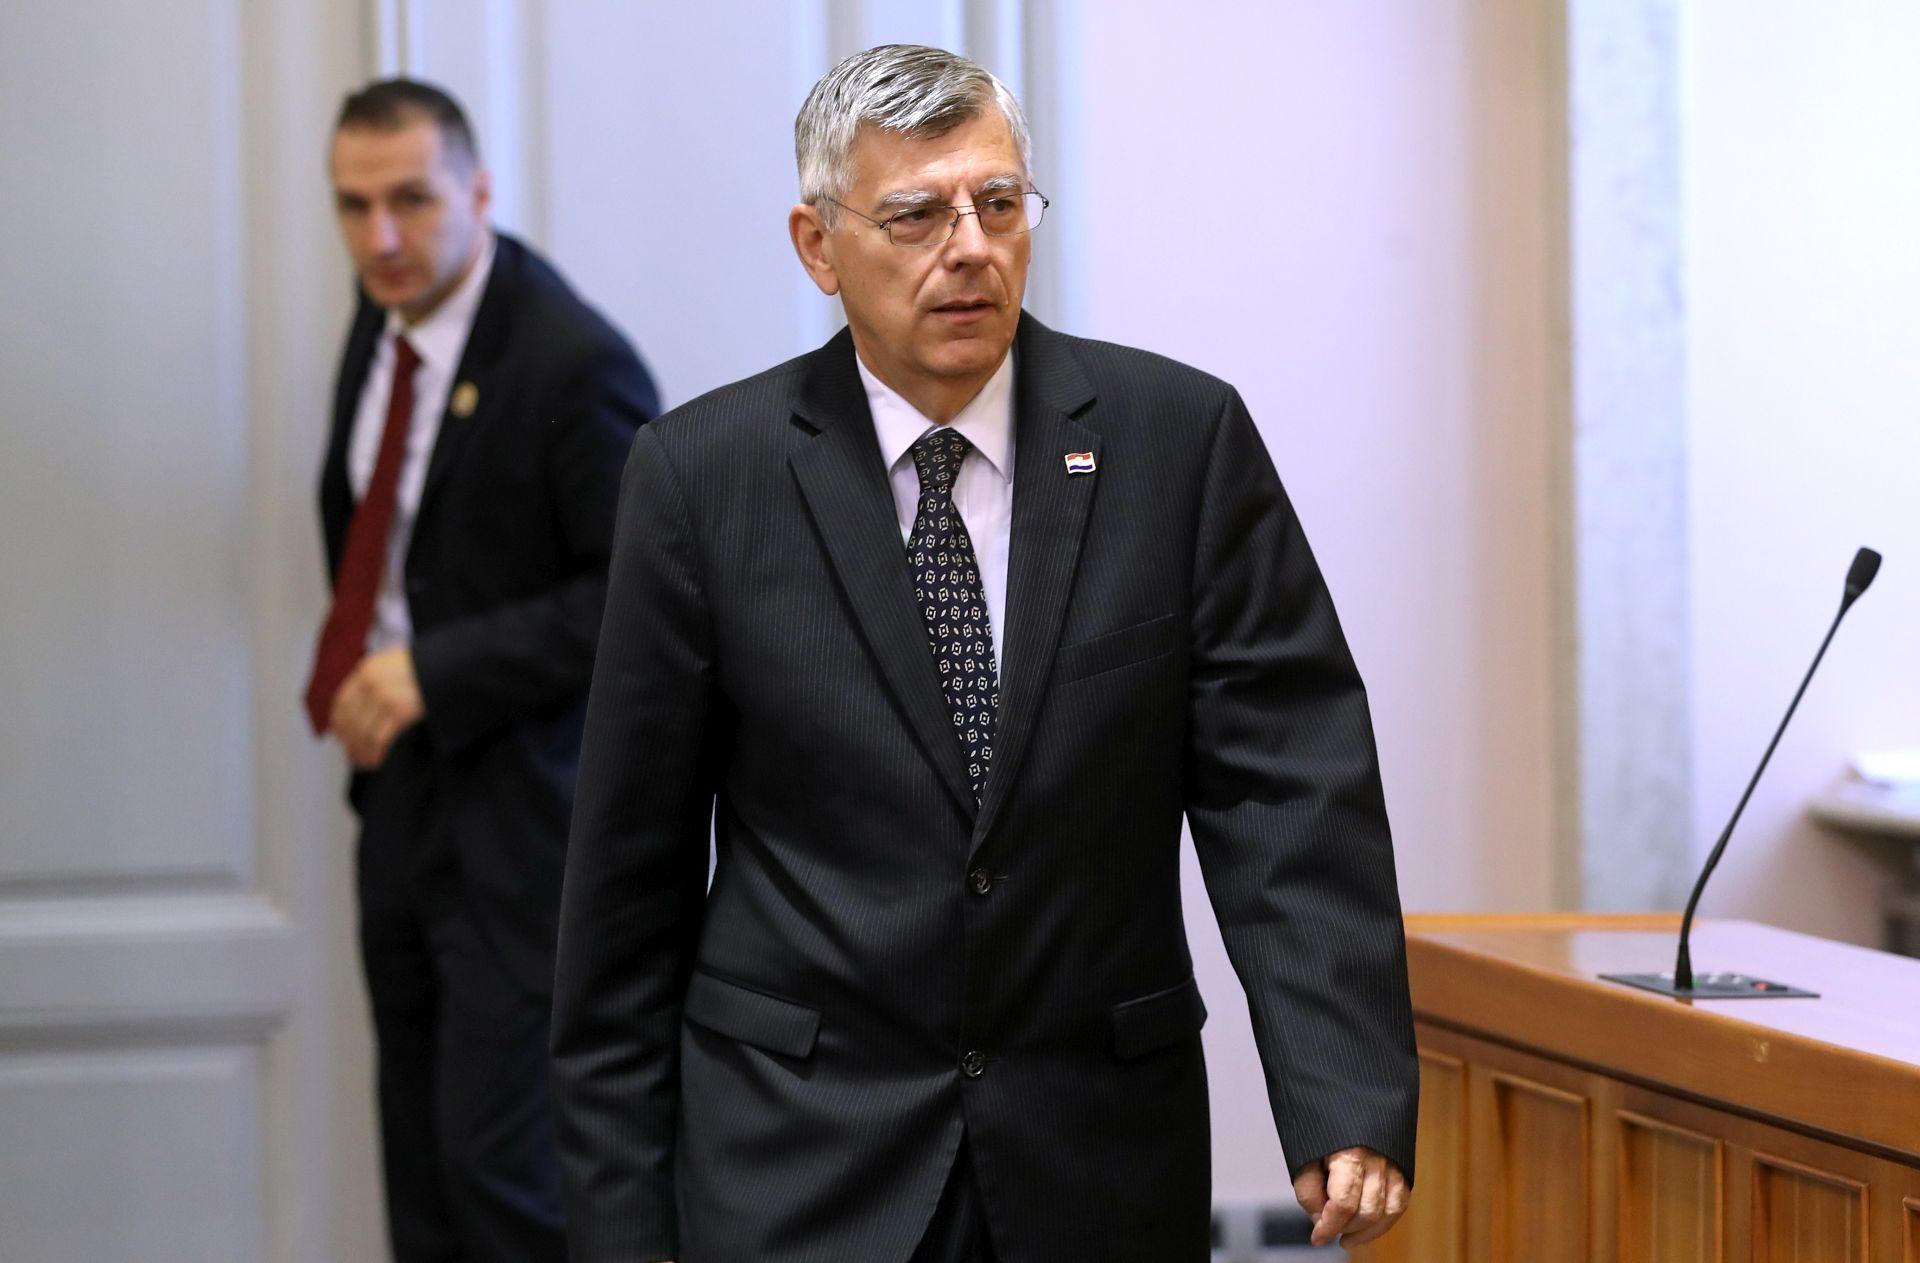 INCIDENT ZBOG ZASTAVE: Željko Reiner napustio Skupštinu Republike Srpske